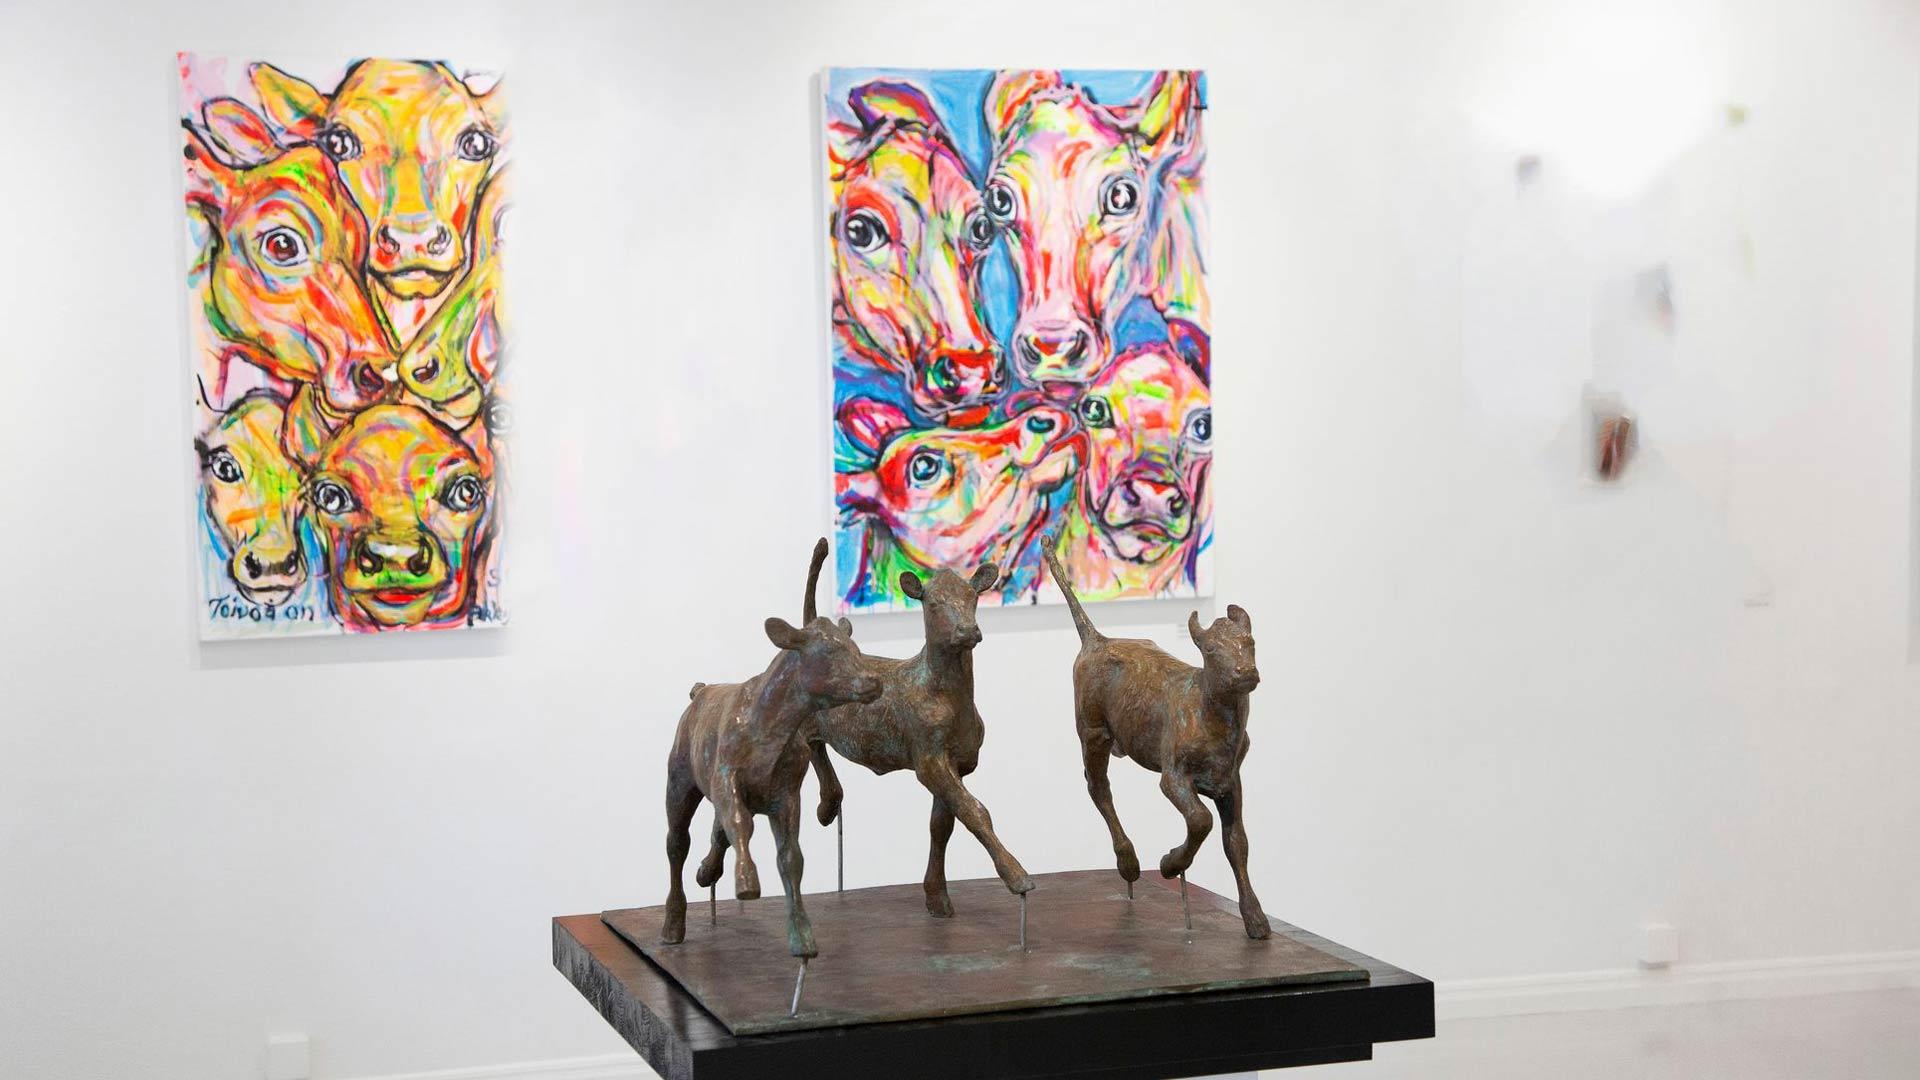 Taidekeskus Salmelan kesässä nähdään Miina Äkkijyrkän maalauksia ja veistoksia. Teosten aiheena ovat lehmät ja hevoset.